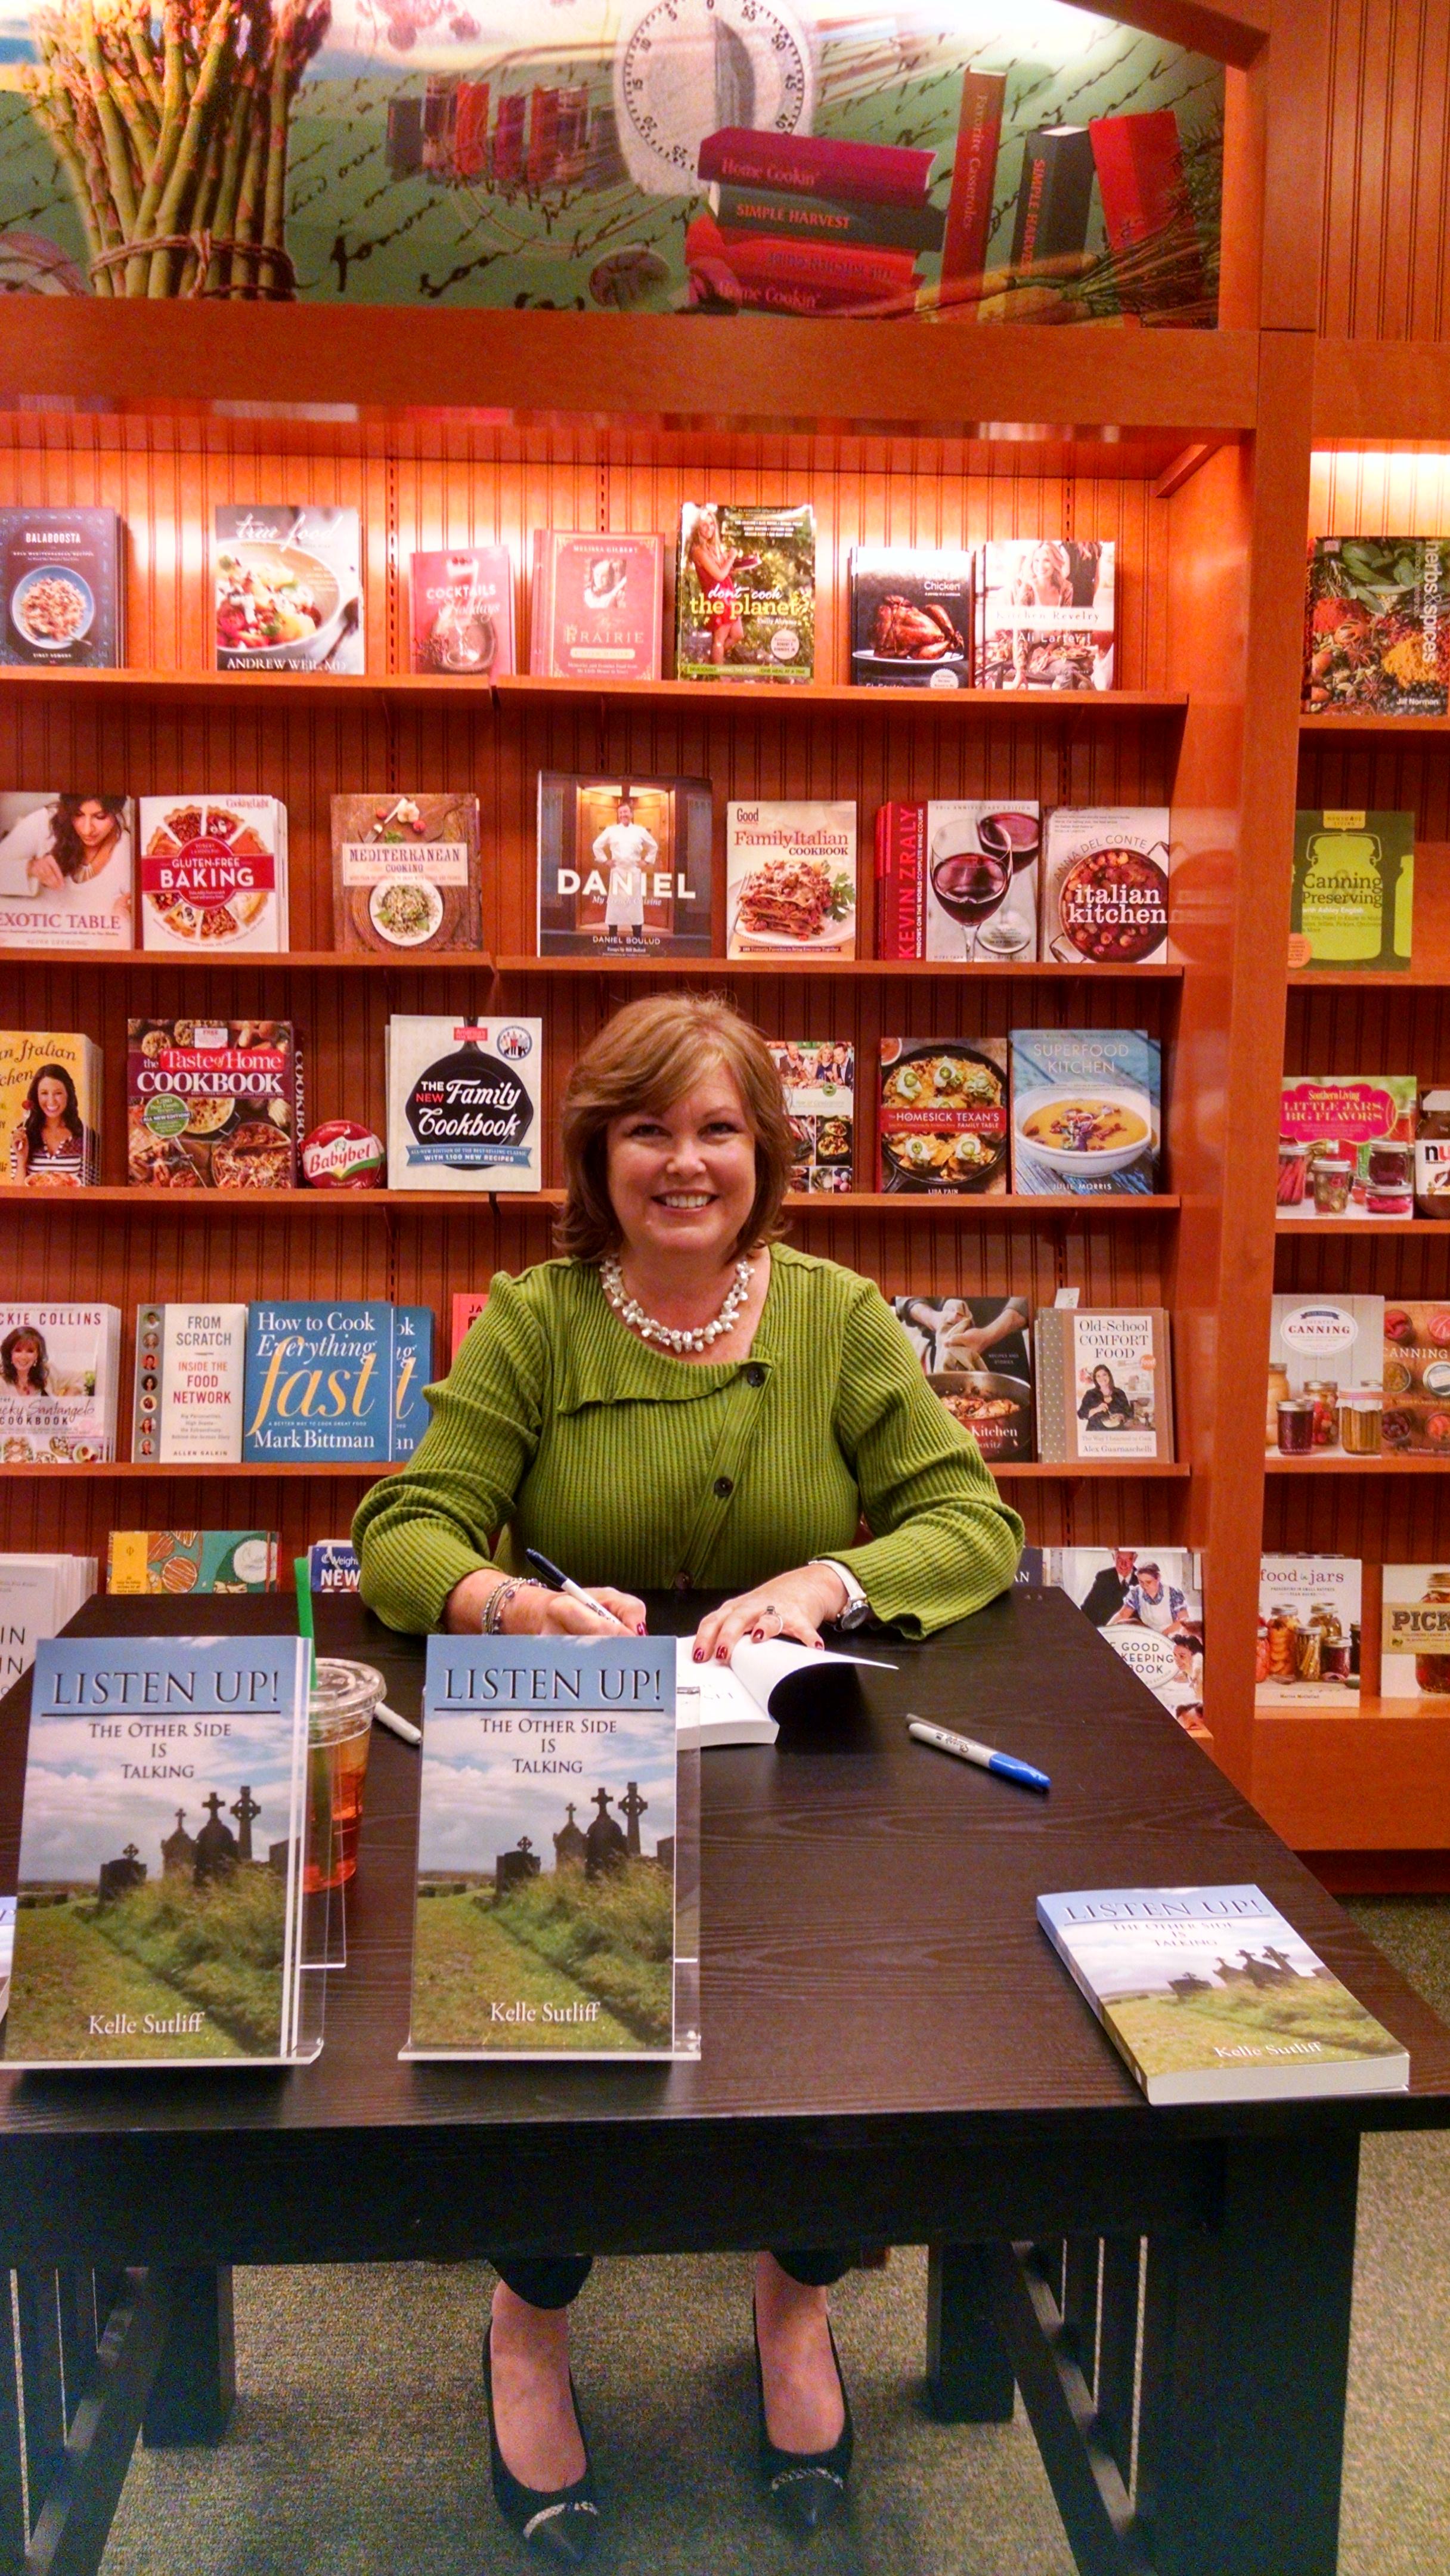 Kelle Sutliff Book Signing Barnes & Noble